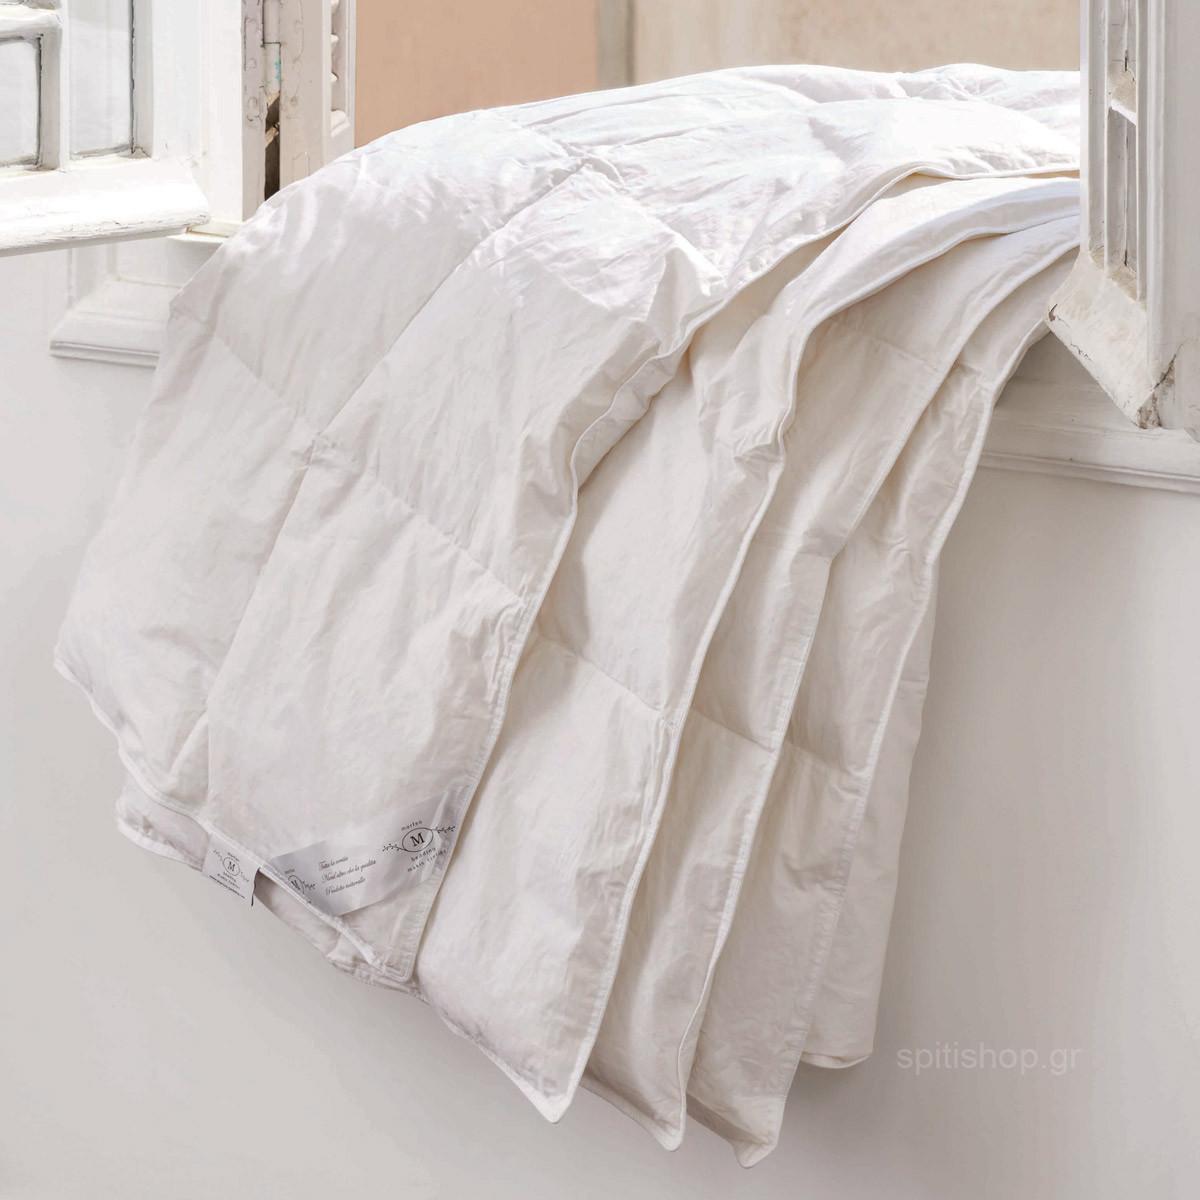 Πάπλωμα Πουπουλένιο Μονό Makis Tselios 50/50 home   κρεβατοκάμαρα   παπλώματα   παπλώματα πουπουλένια